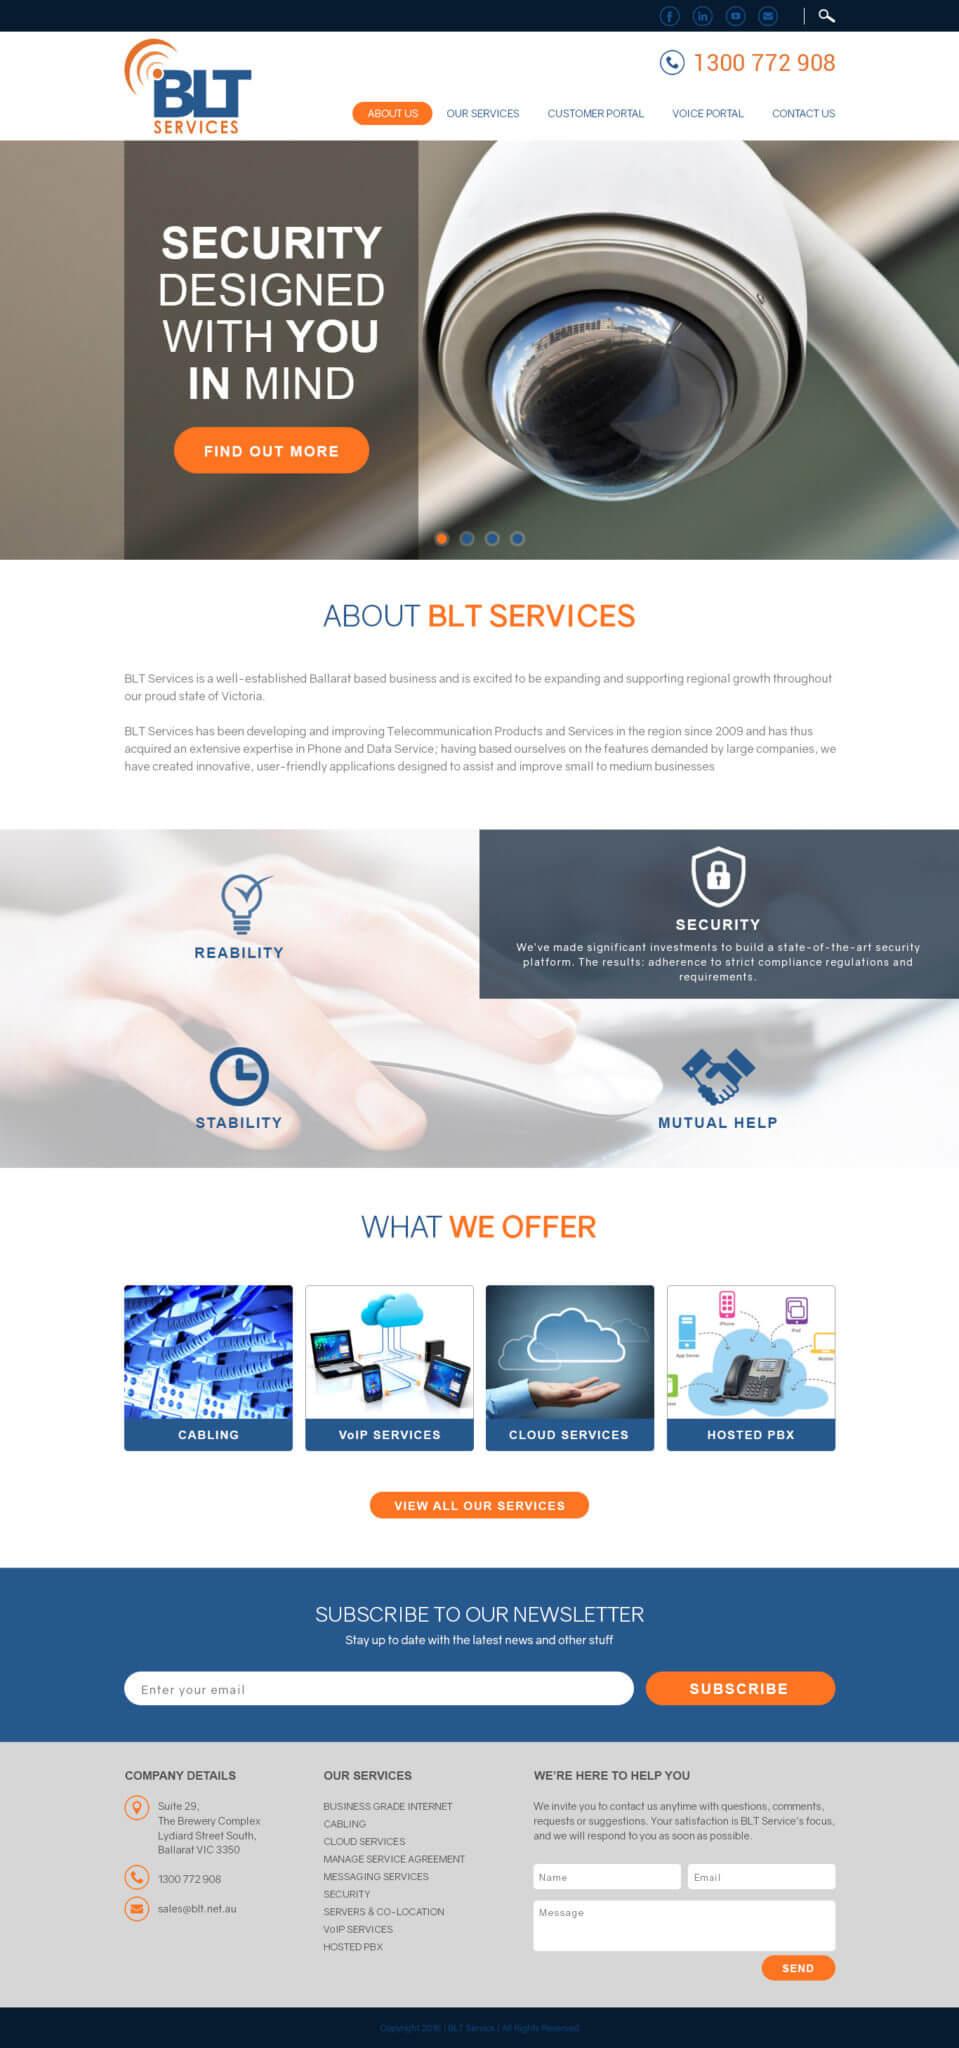 blt-services